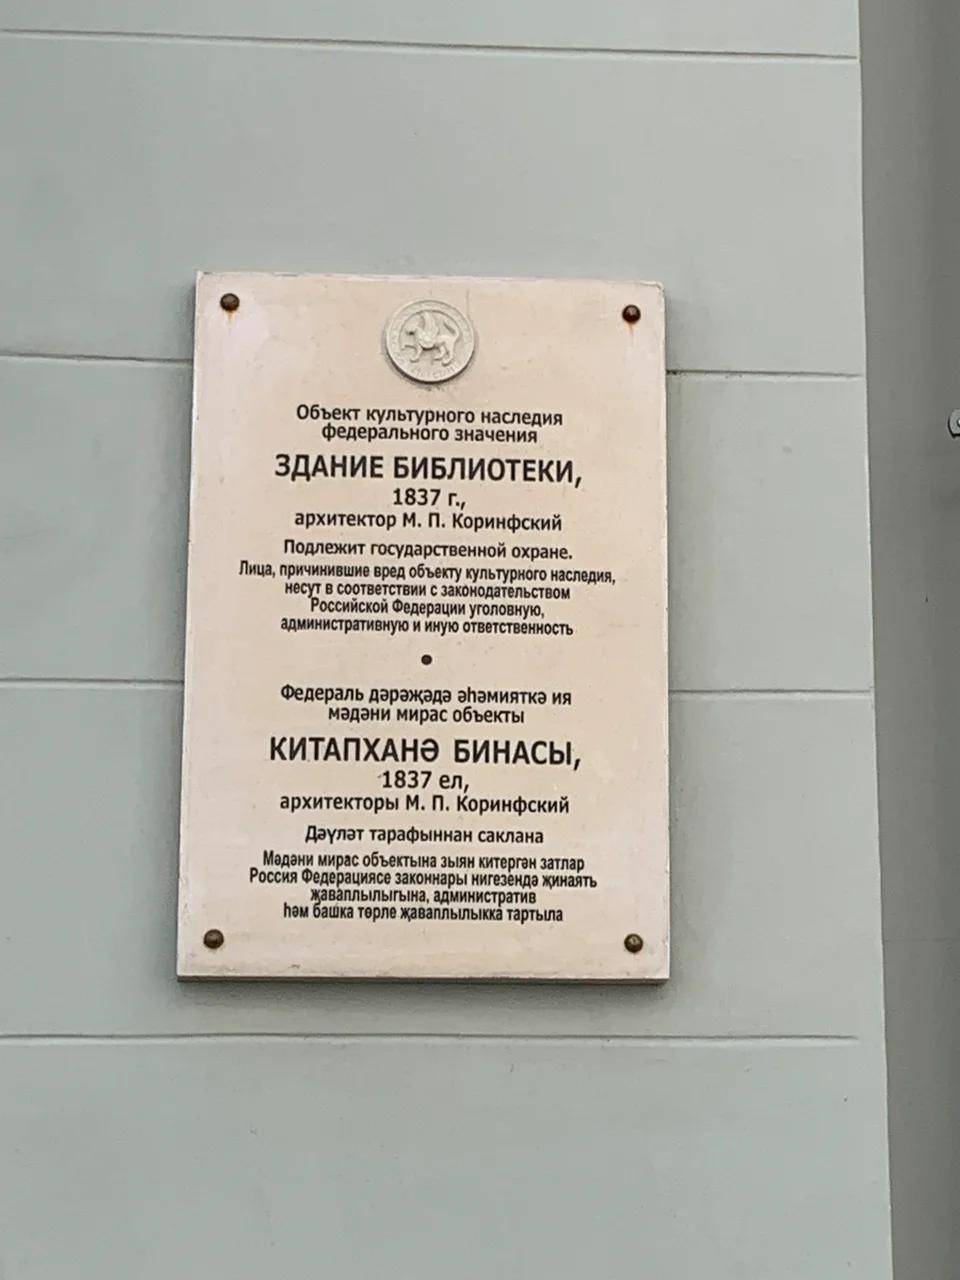 Мемориальная доска на здании библиотеки